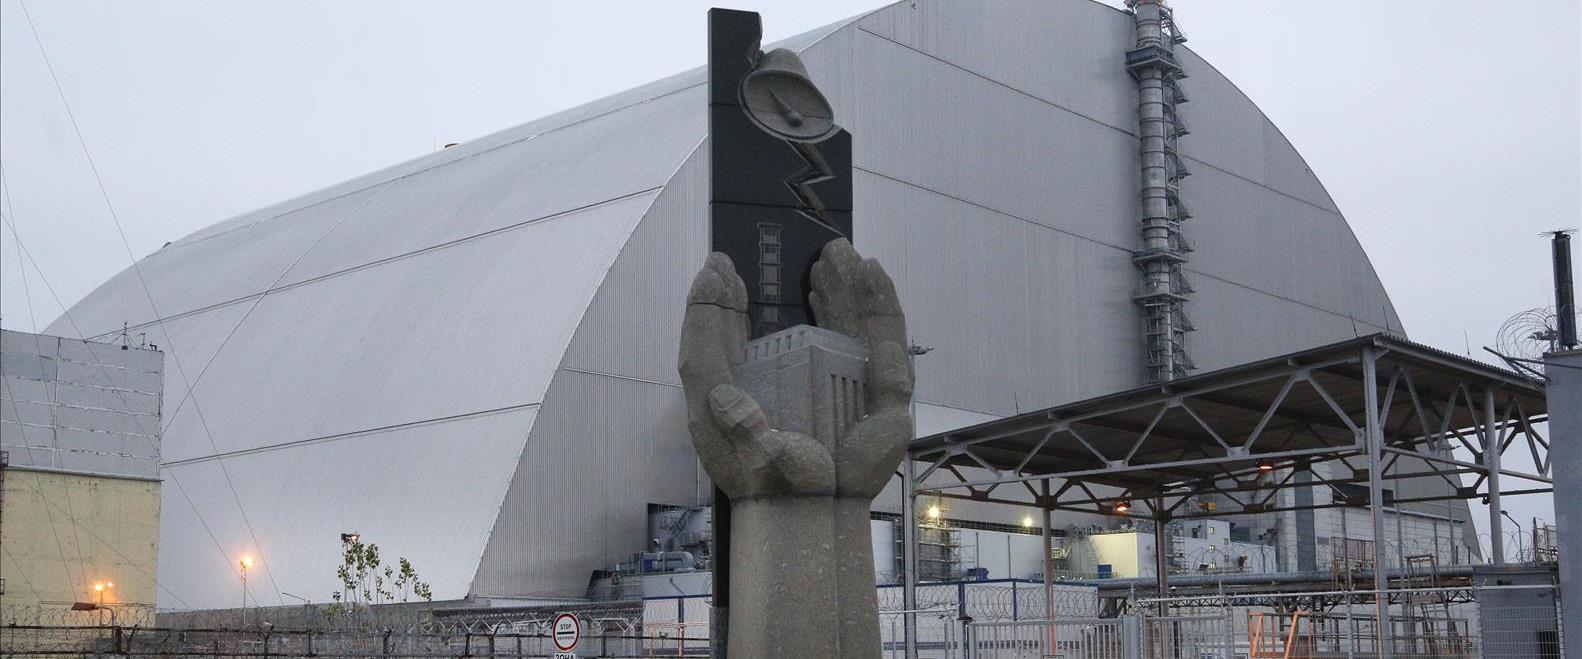 הכור בצ'רנוביל